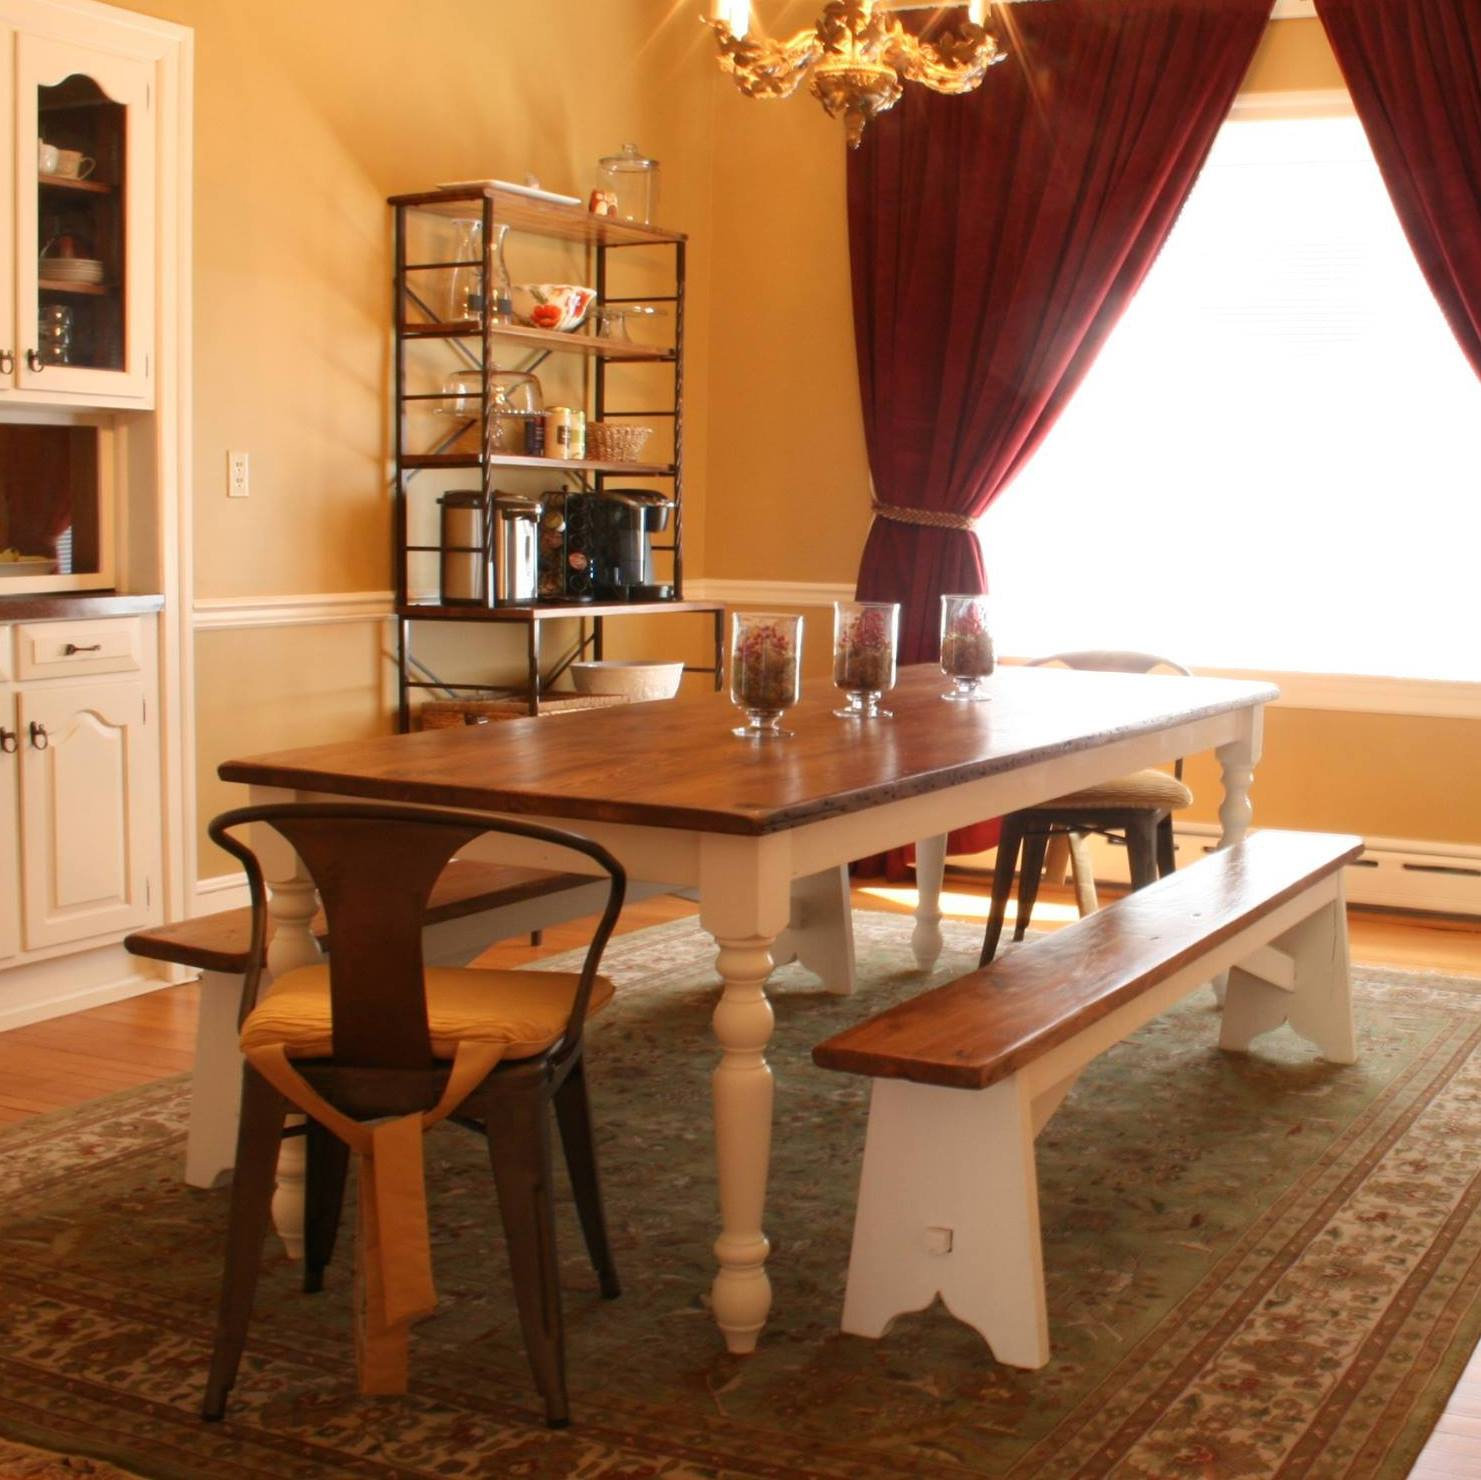 Virginia Farmhouse Reclaimed Wood Dining Table | Concepts Created LLC